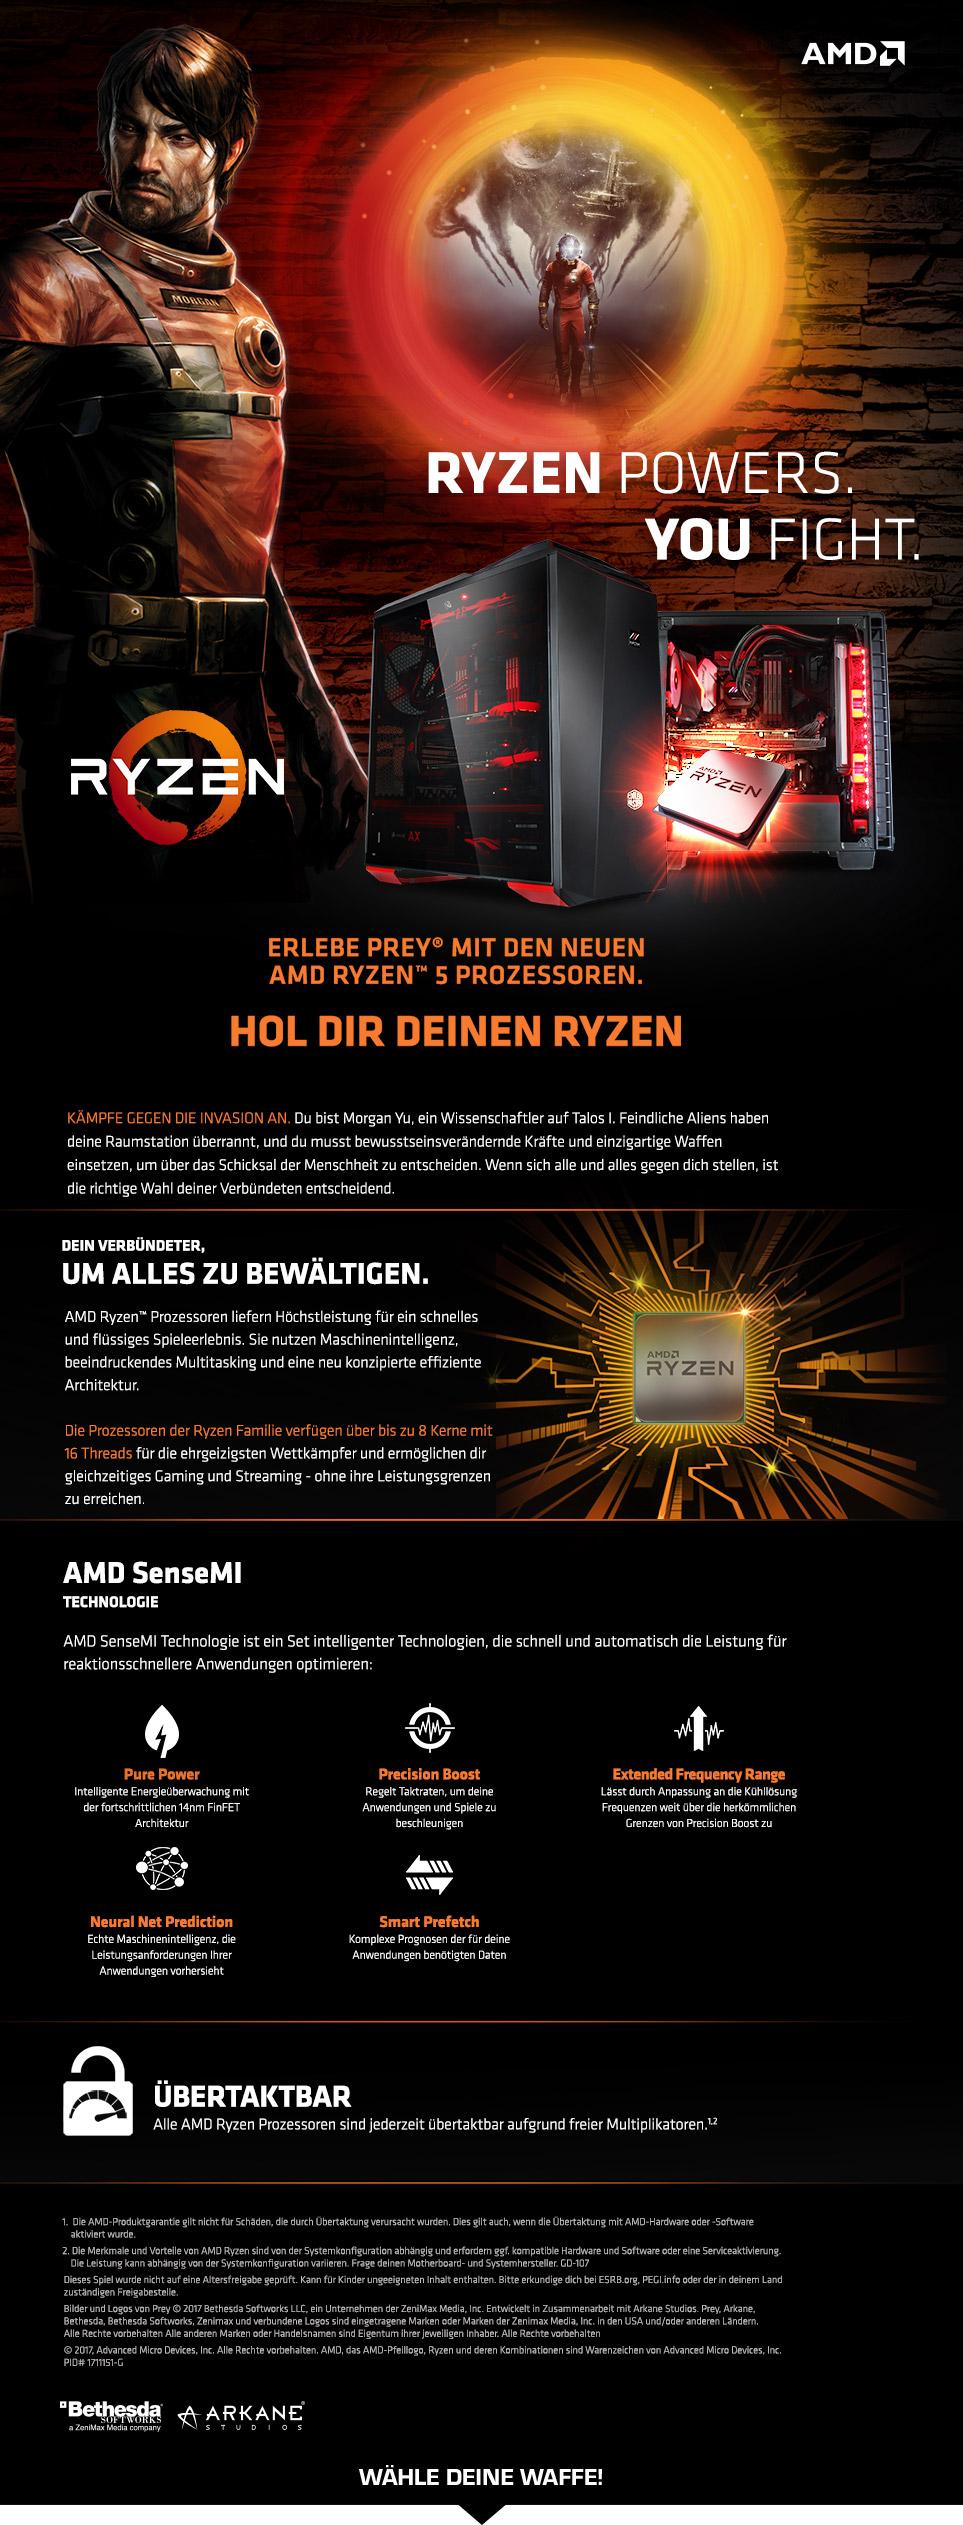 Gaming PCs mit AMD Ryzen 5 Prozessoren